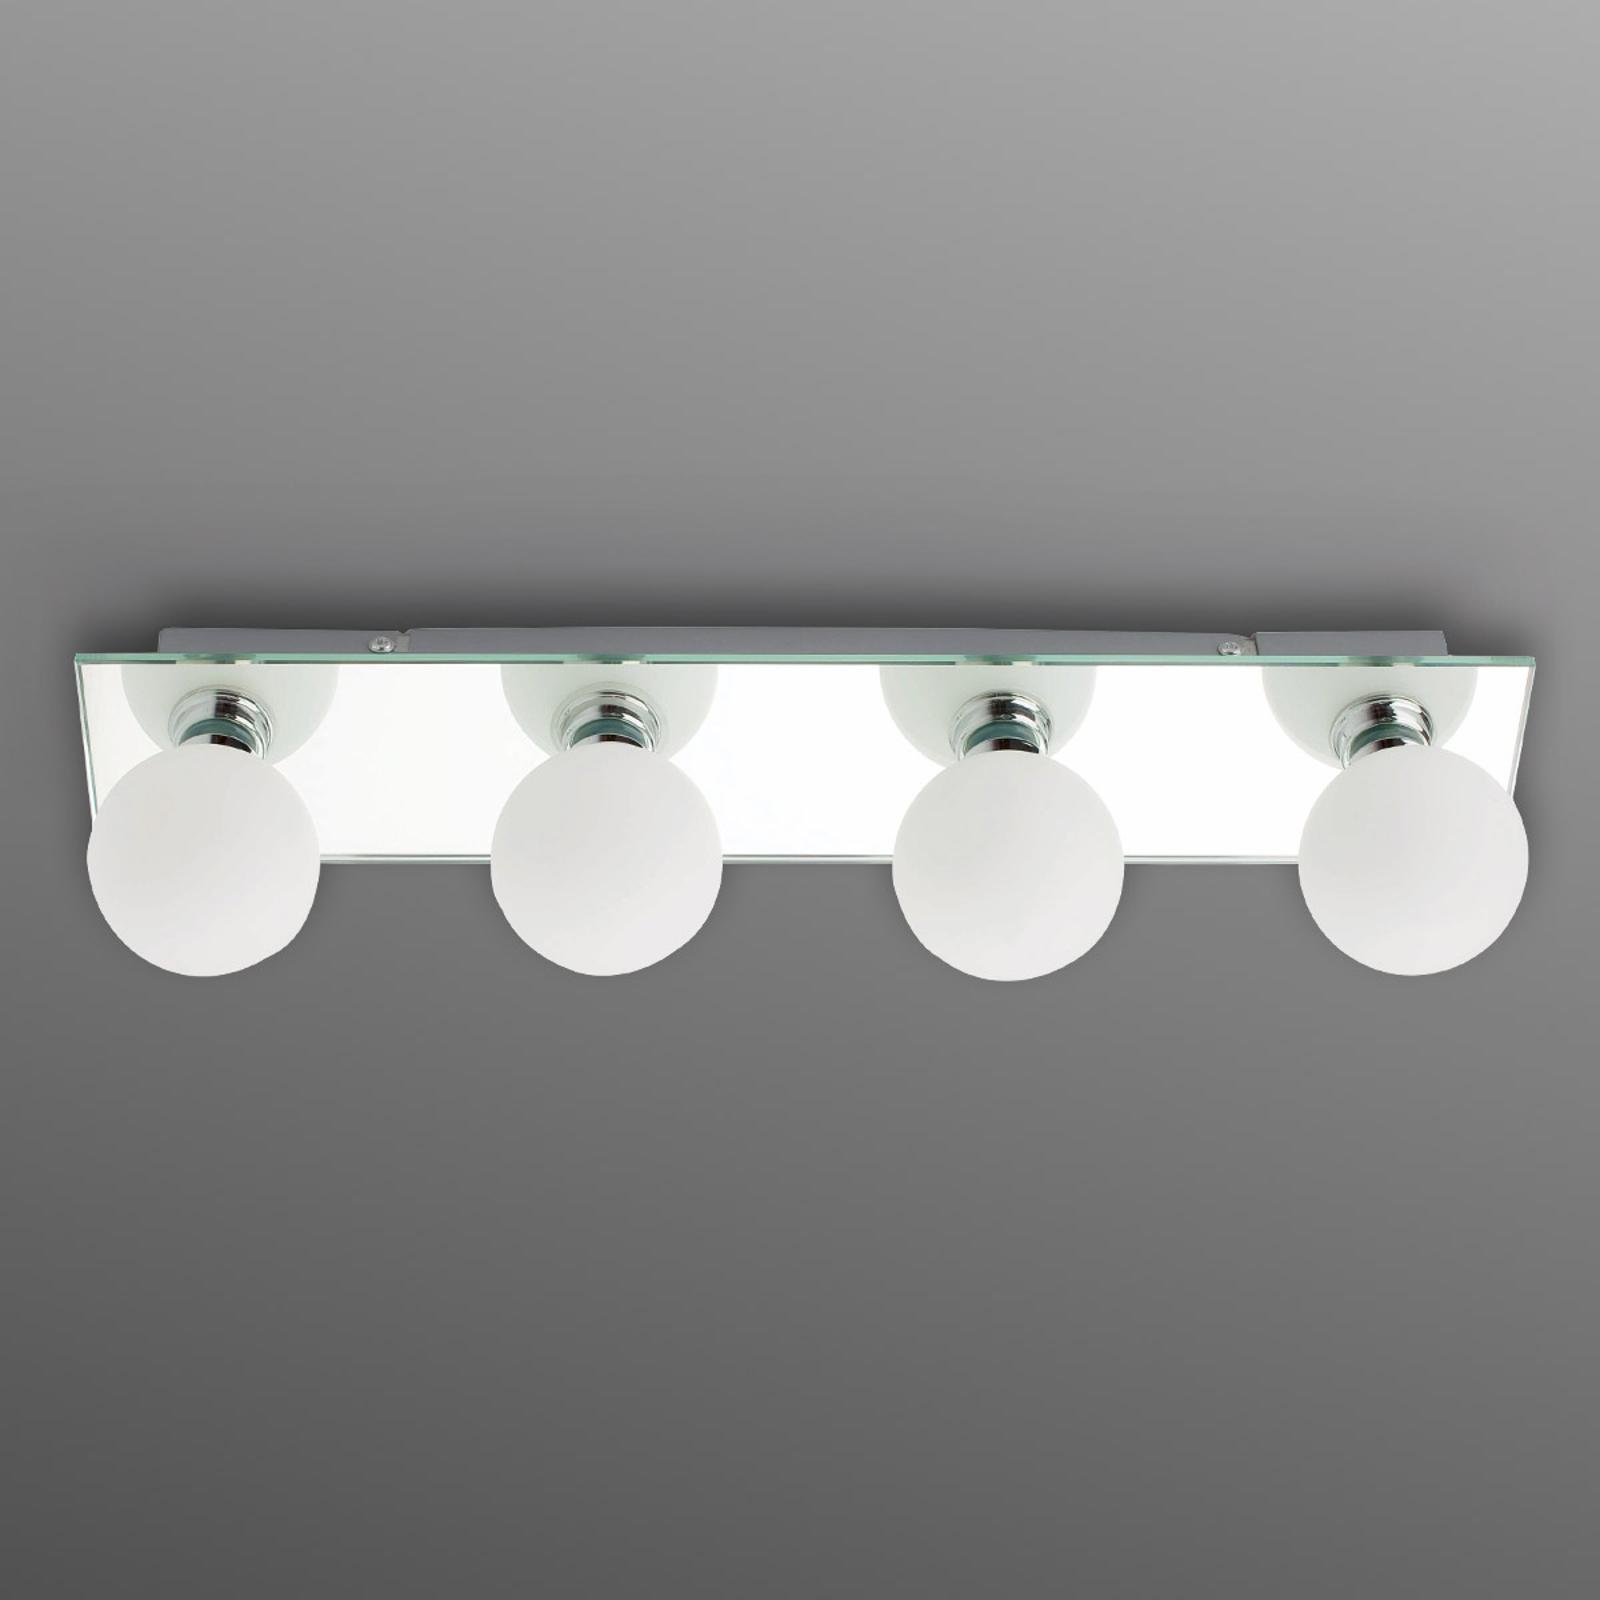 Plafoniera da bagno LASS, 4 lampade